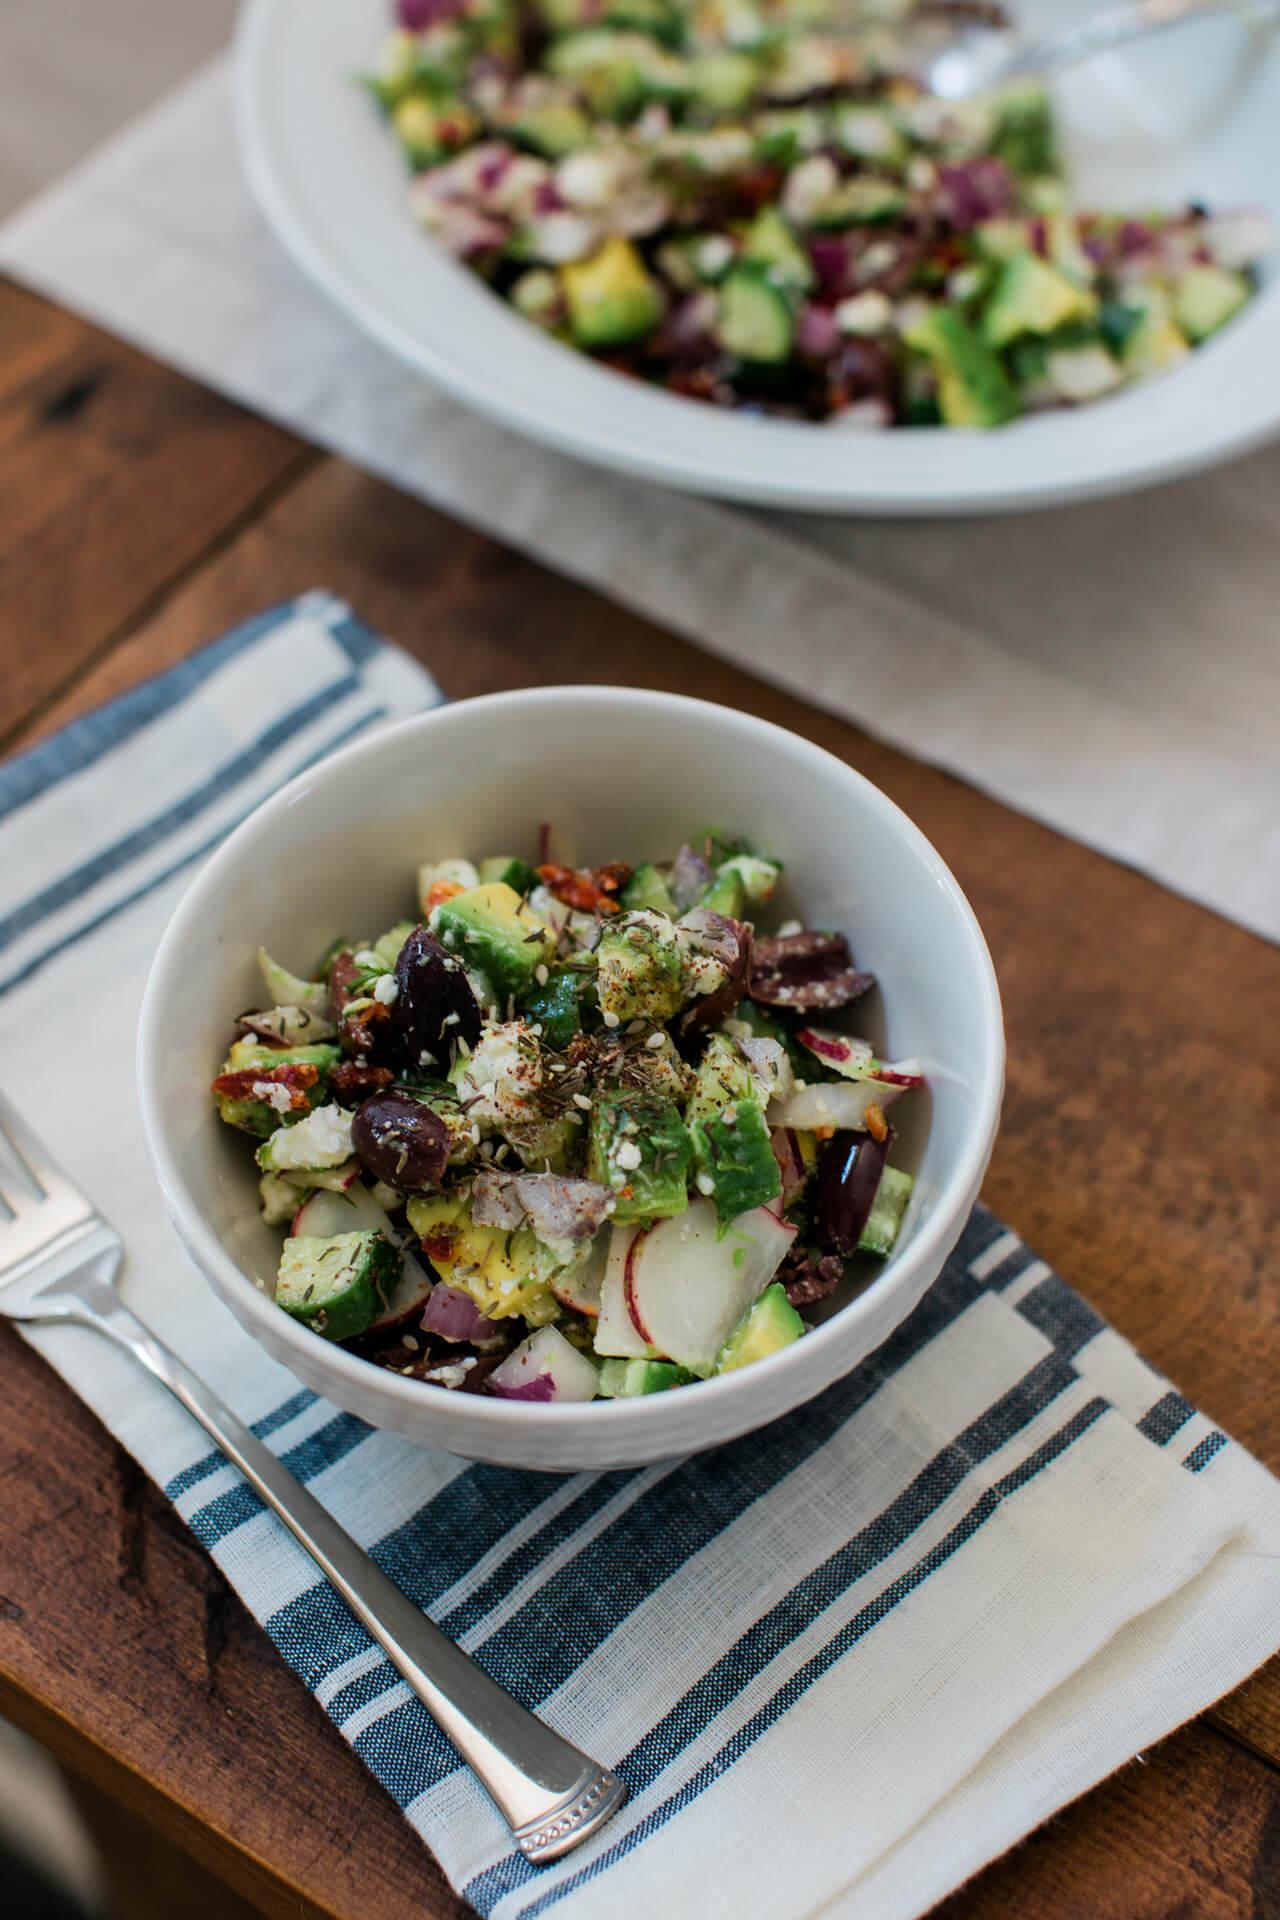 healthy summer recipe for a delicious avocado greek salad - M Loves M @marmar